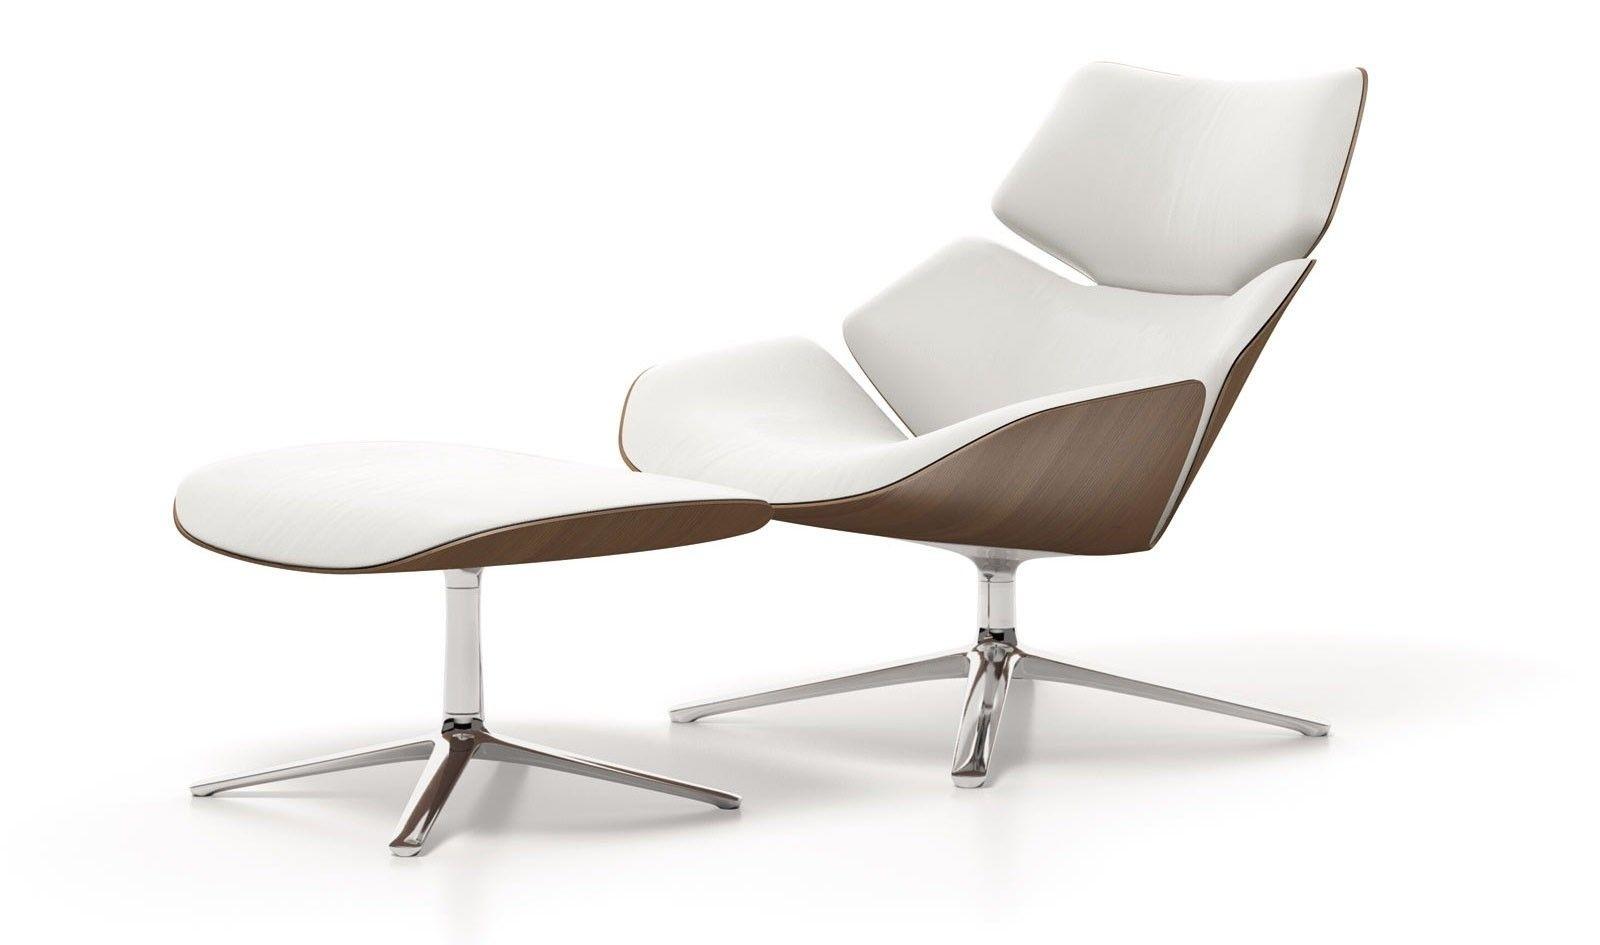 Merveilleux Modern Recliner Chairs